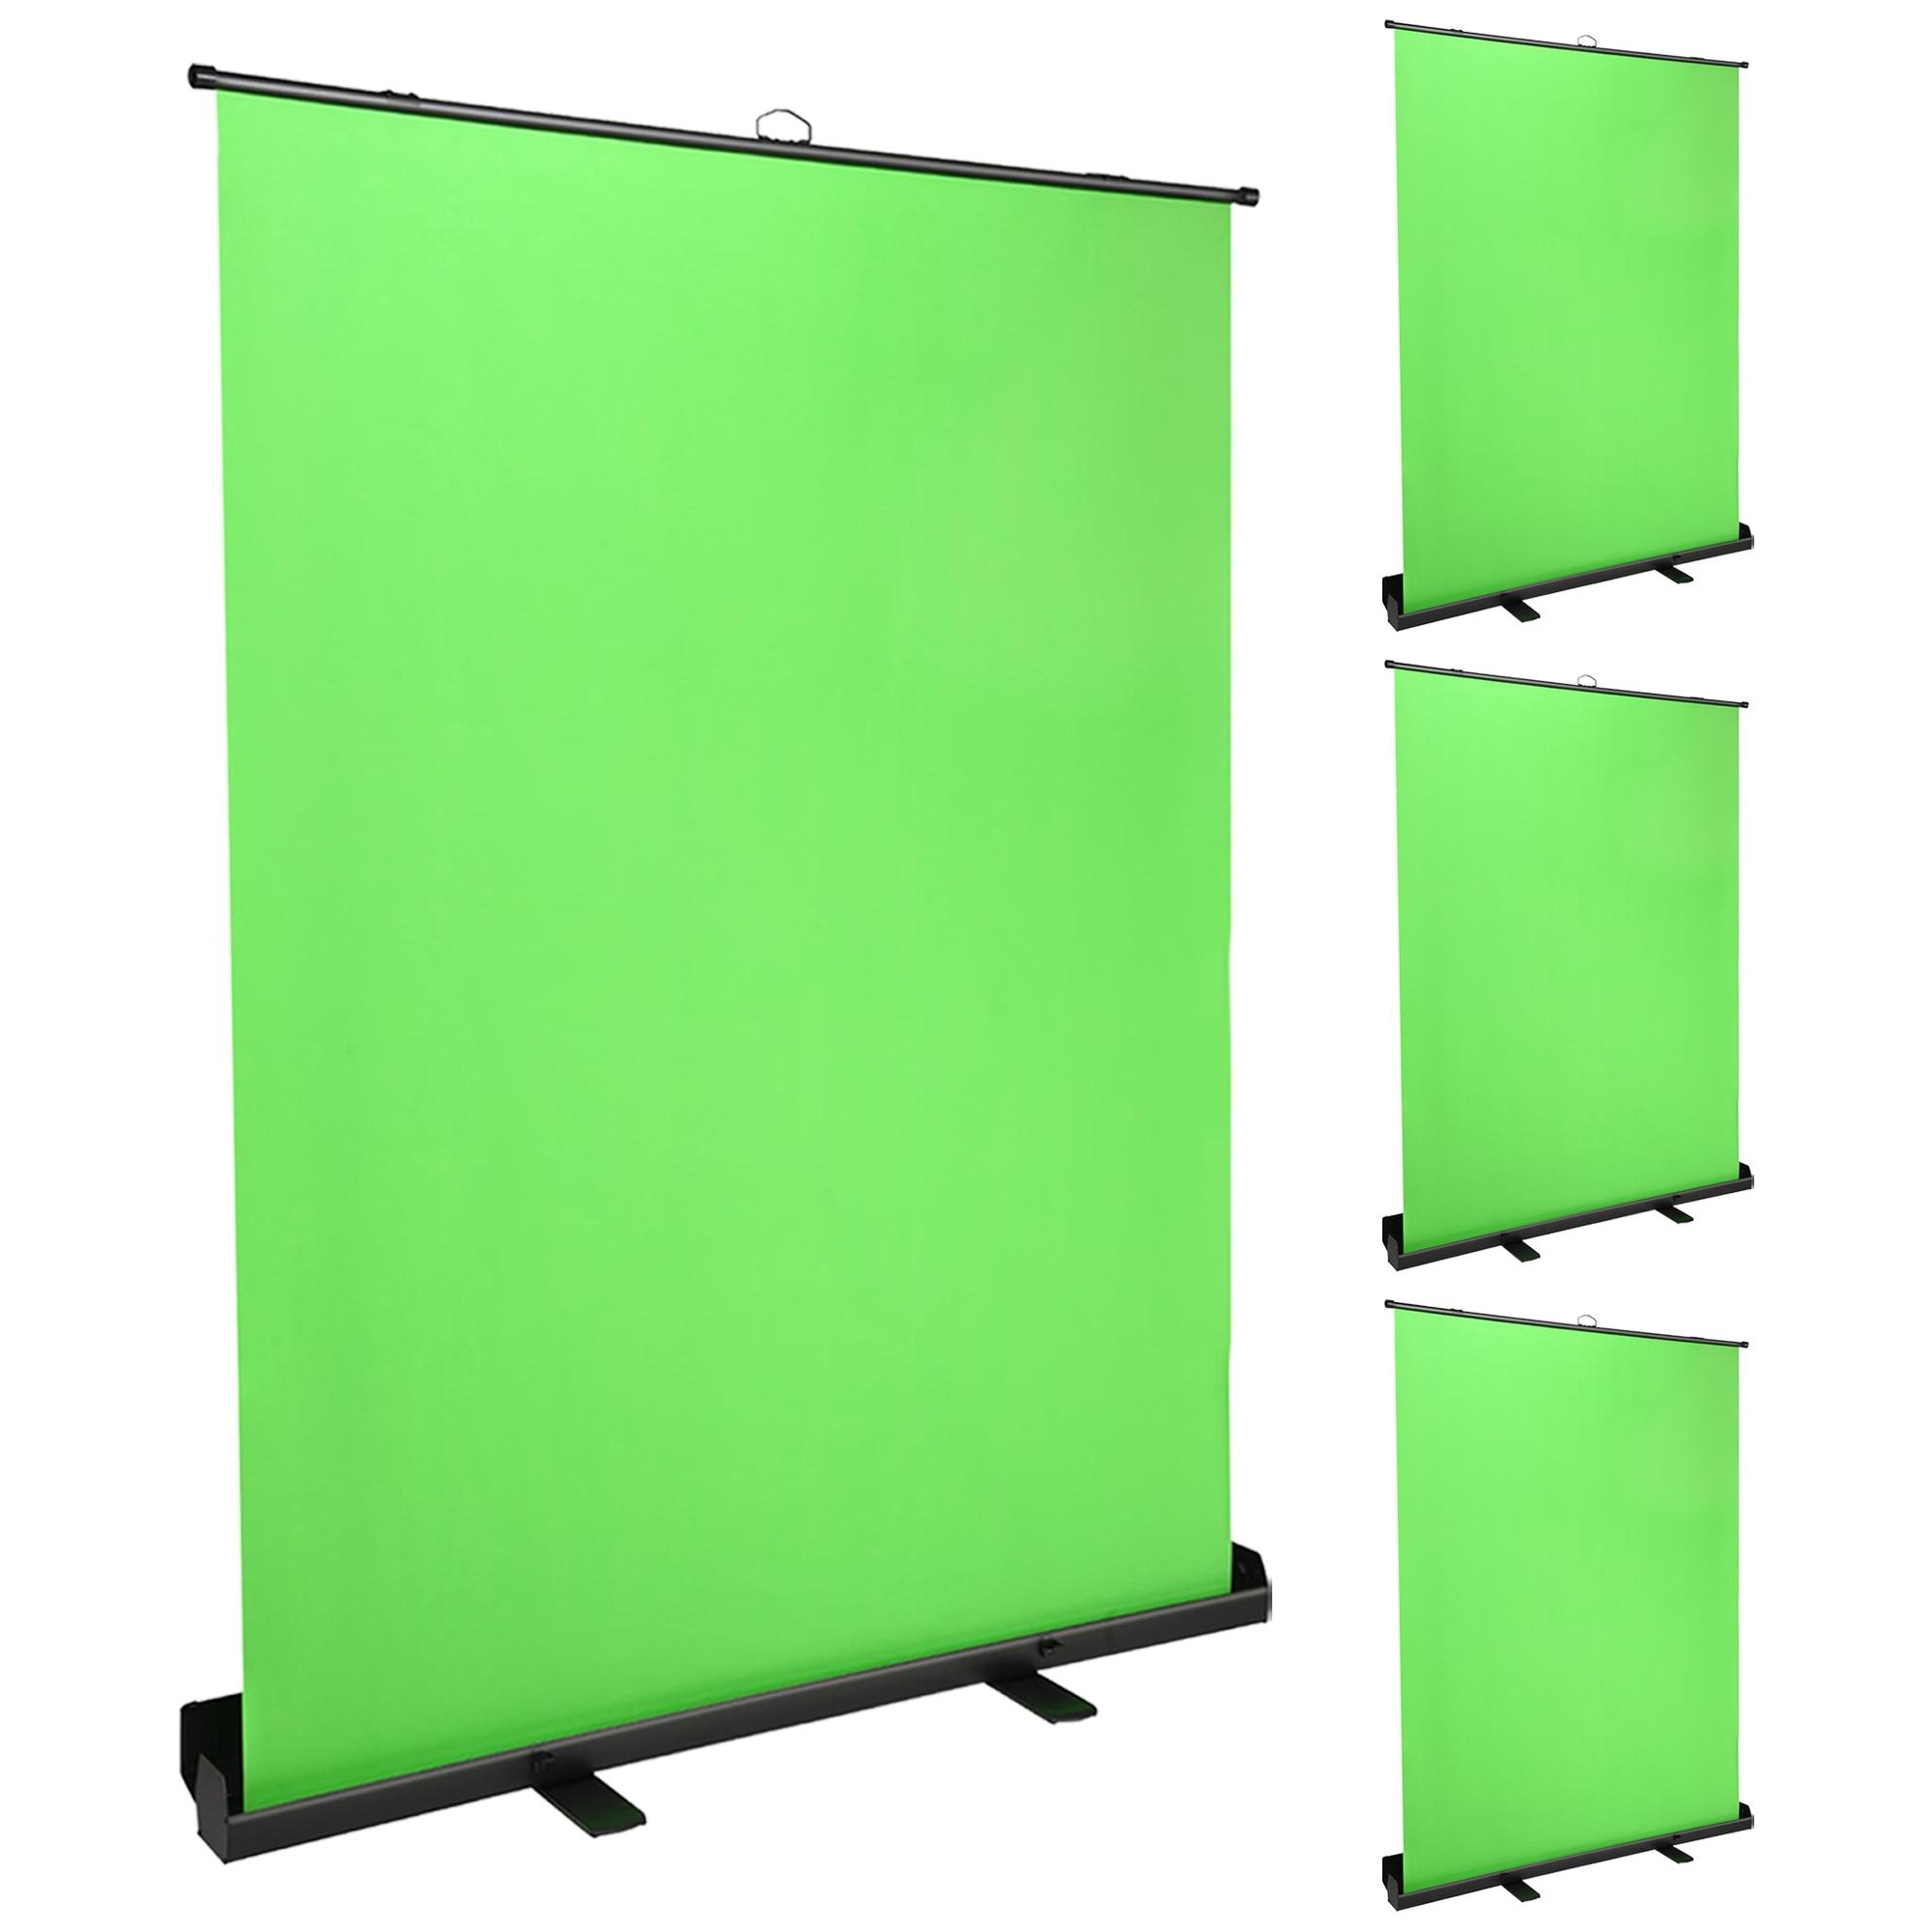 YeStarry 4 Pack Stand Green Screen Panel Faltbare Hintergrund 5x7 Ft für Video